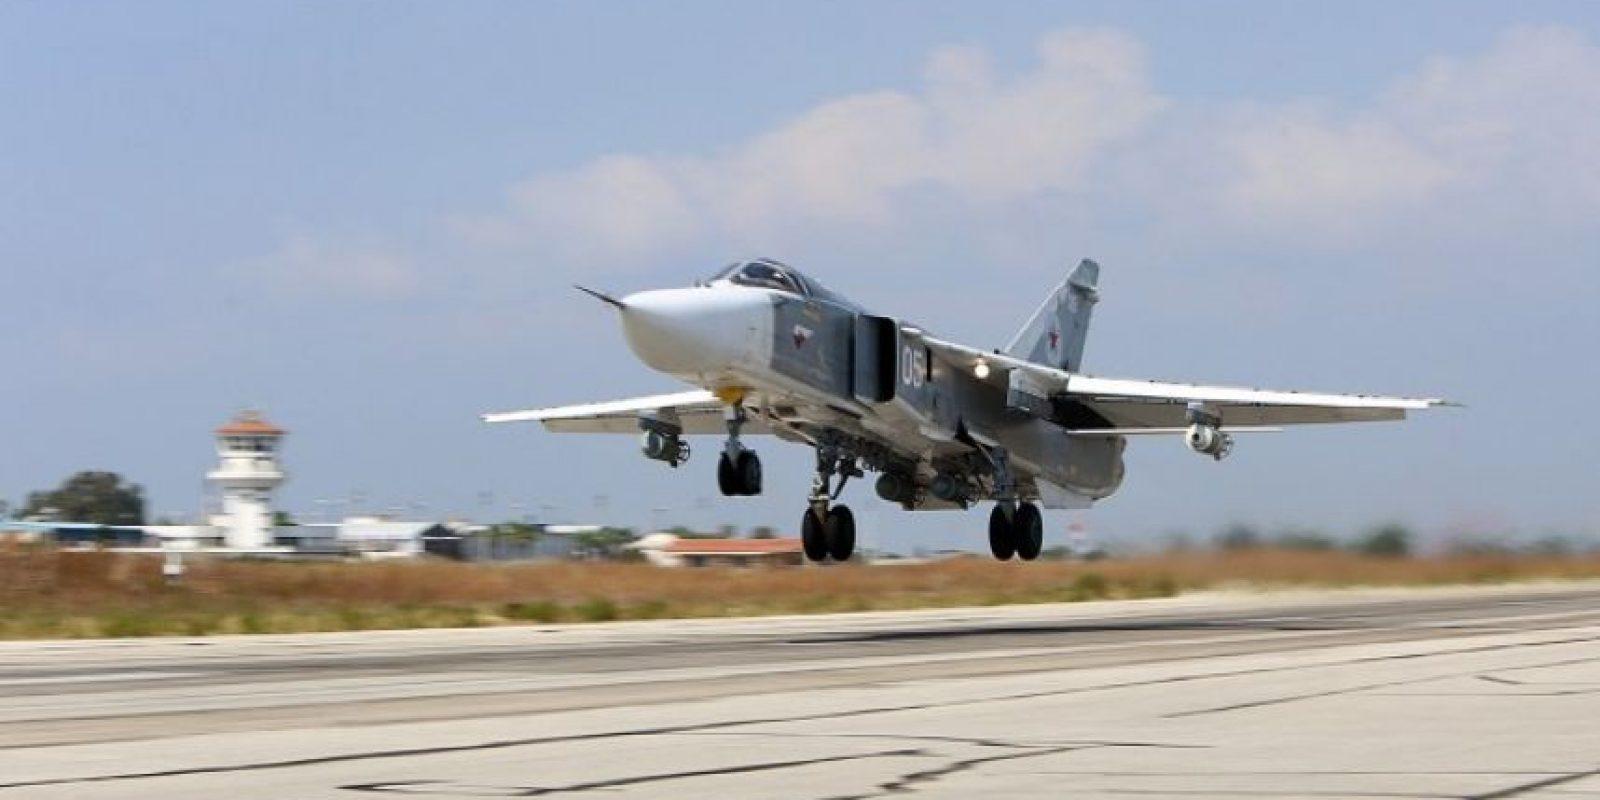 El avión de combate era un caza SU-24 Foto:AFP